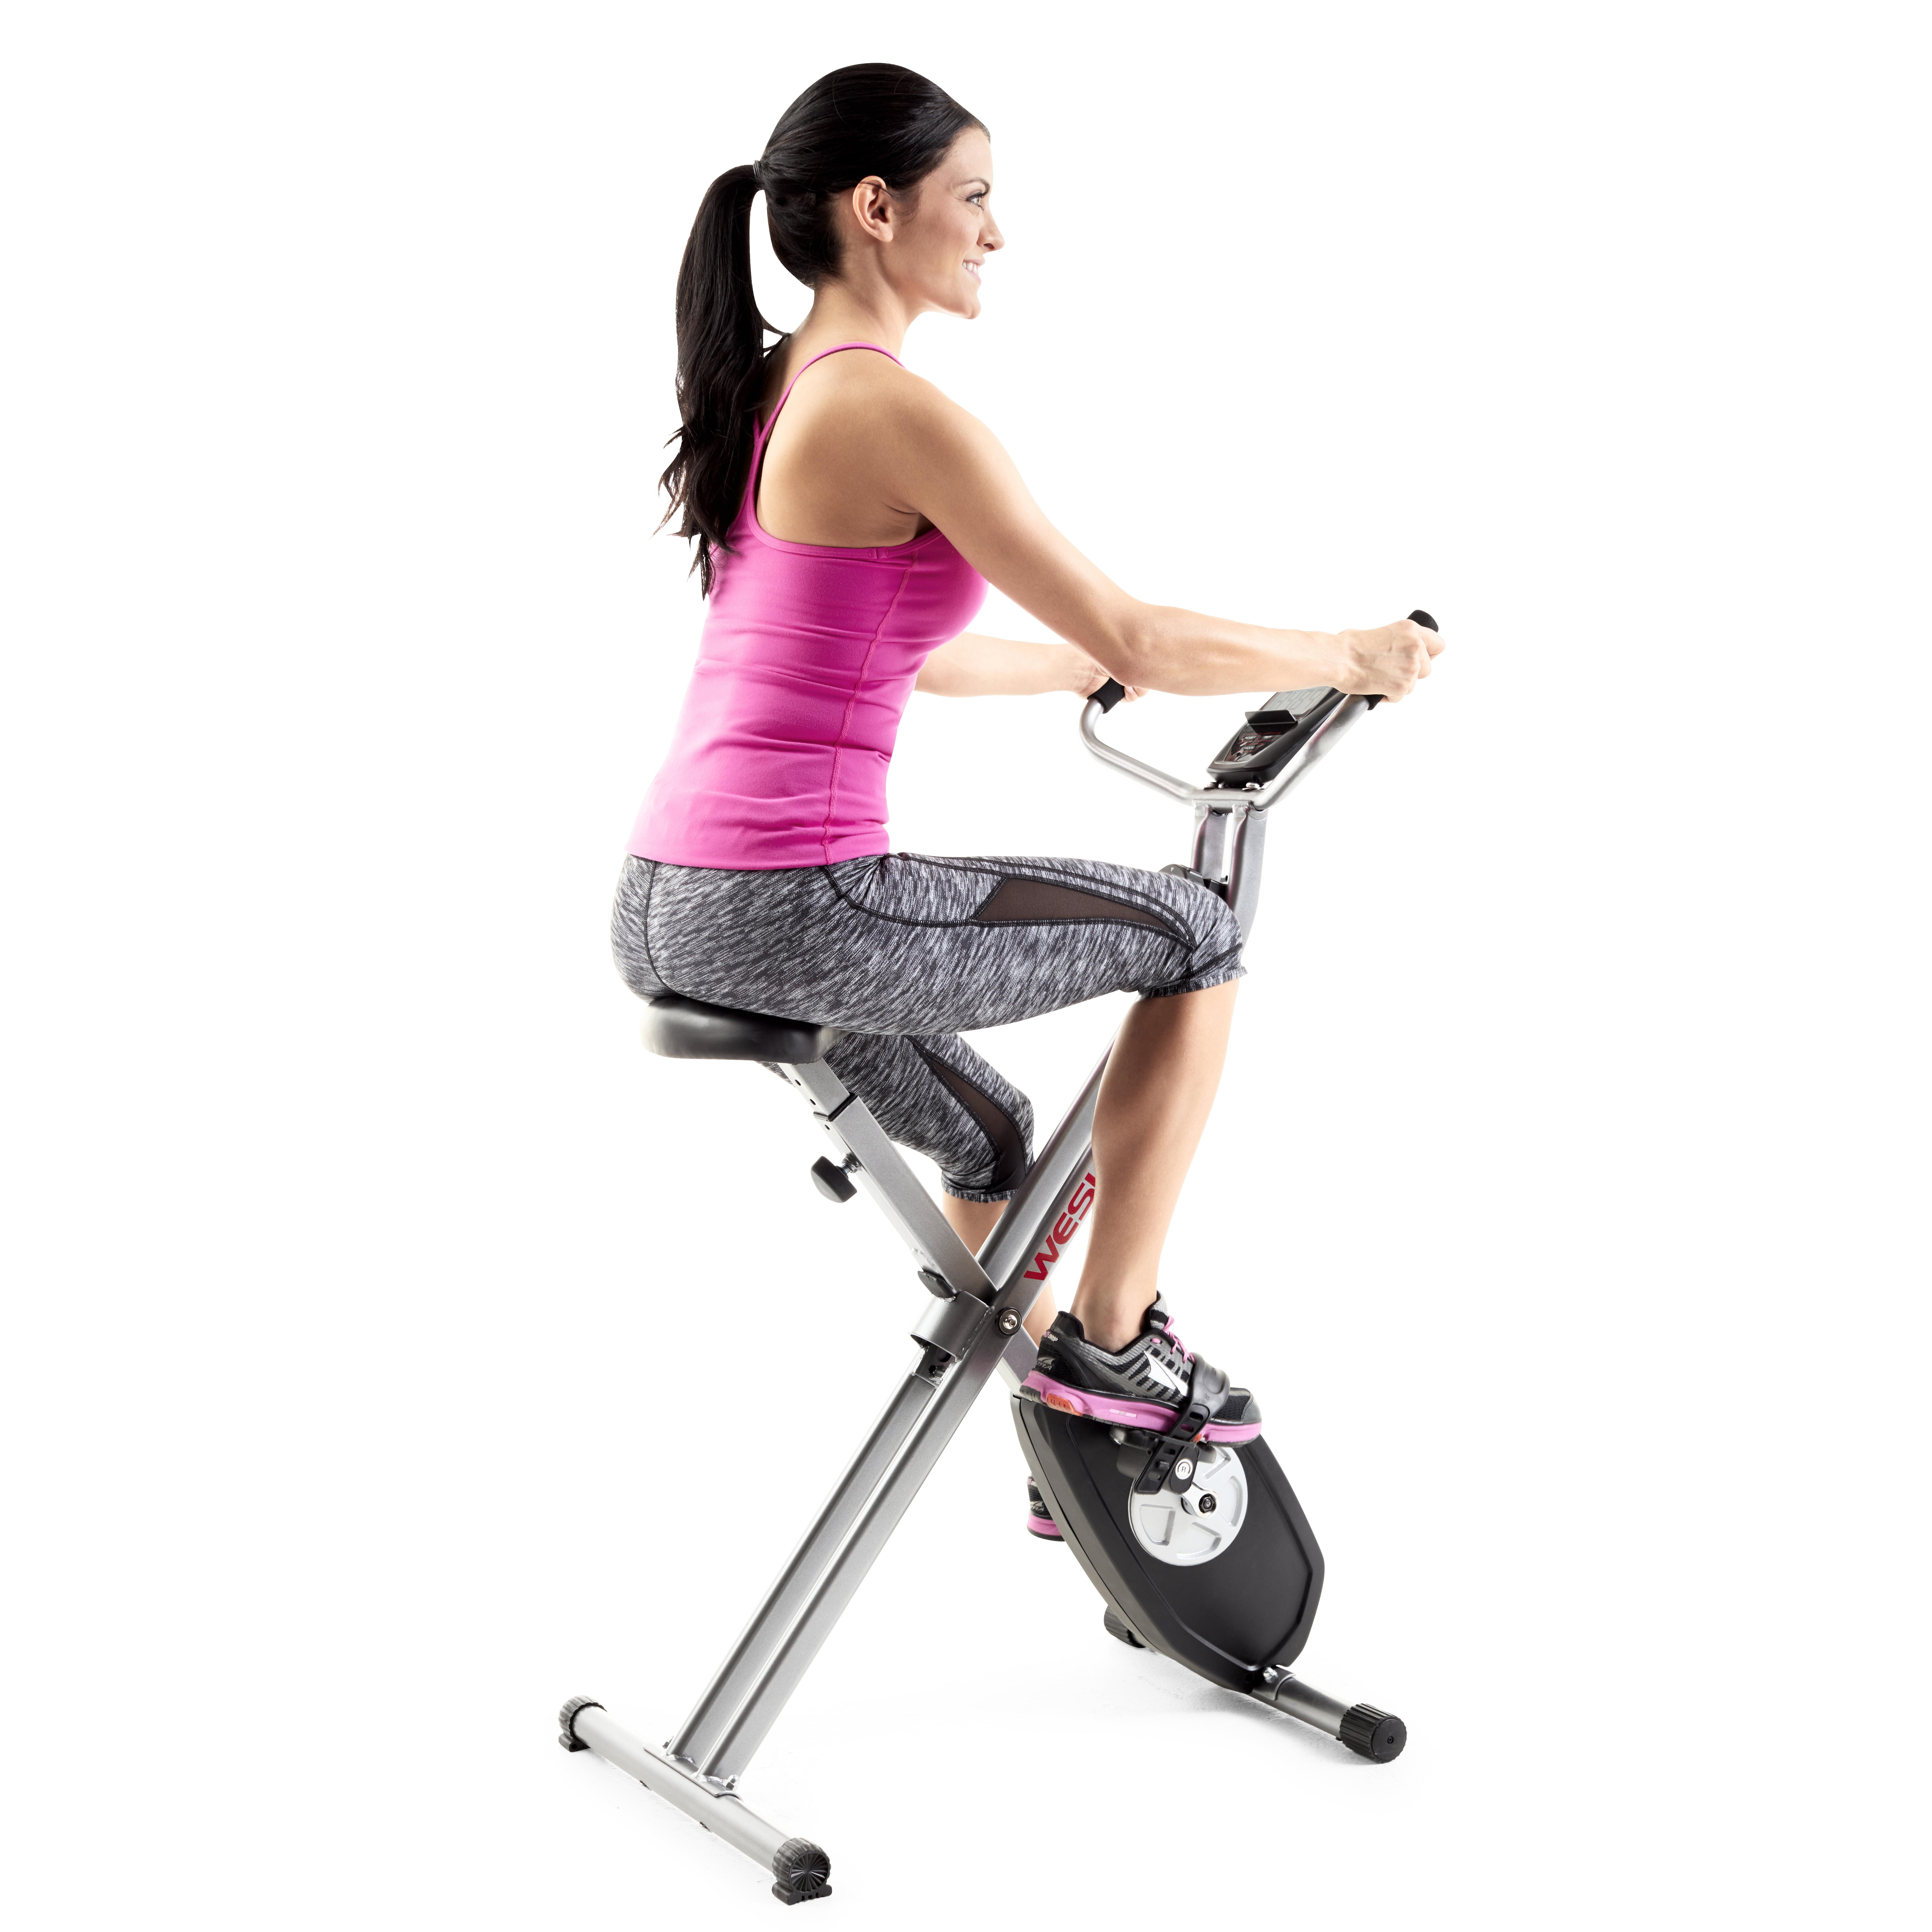 Weslo X Bike Upright Folding Exercise Bike